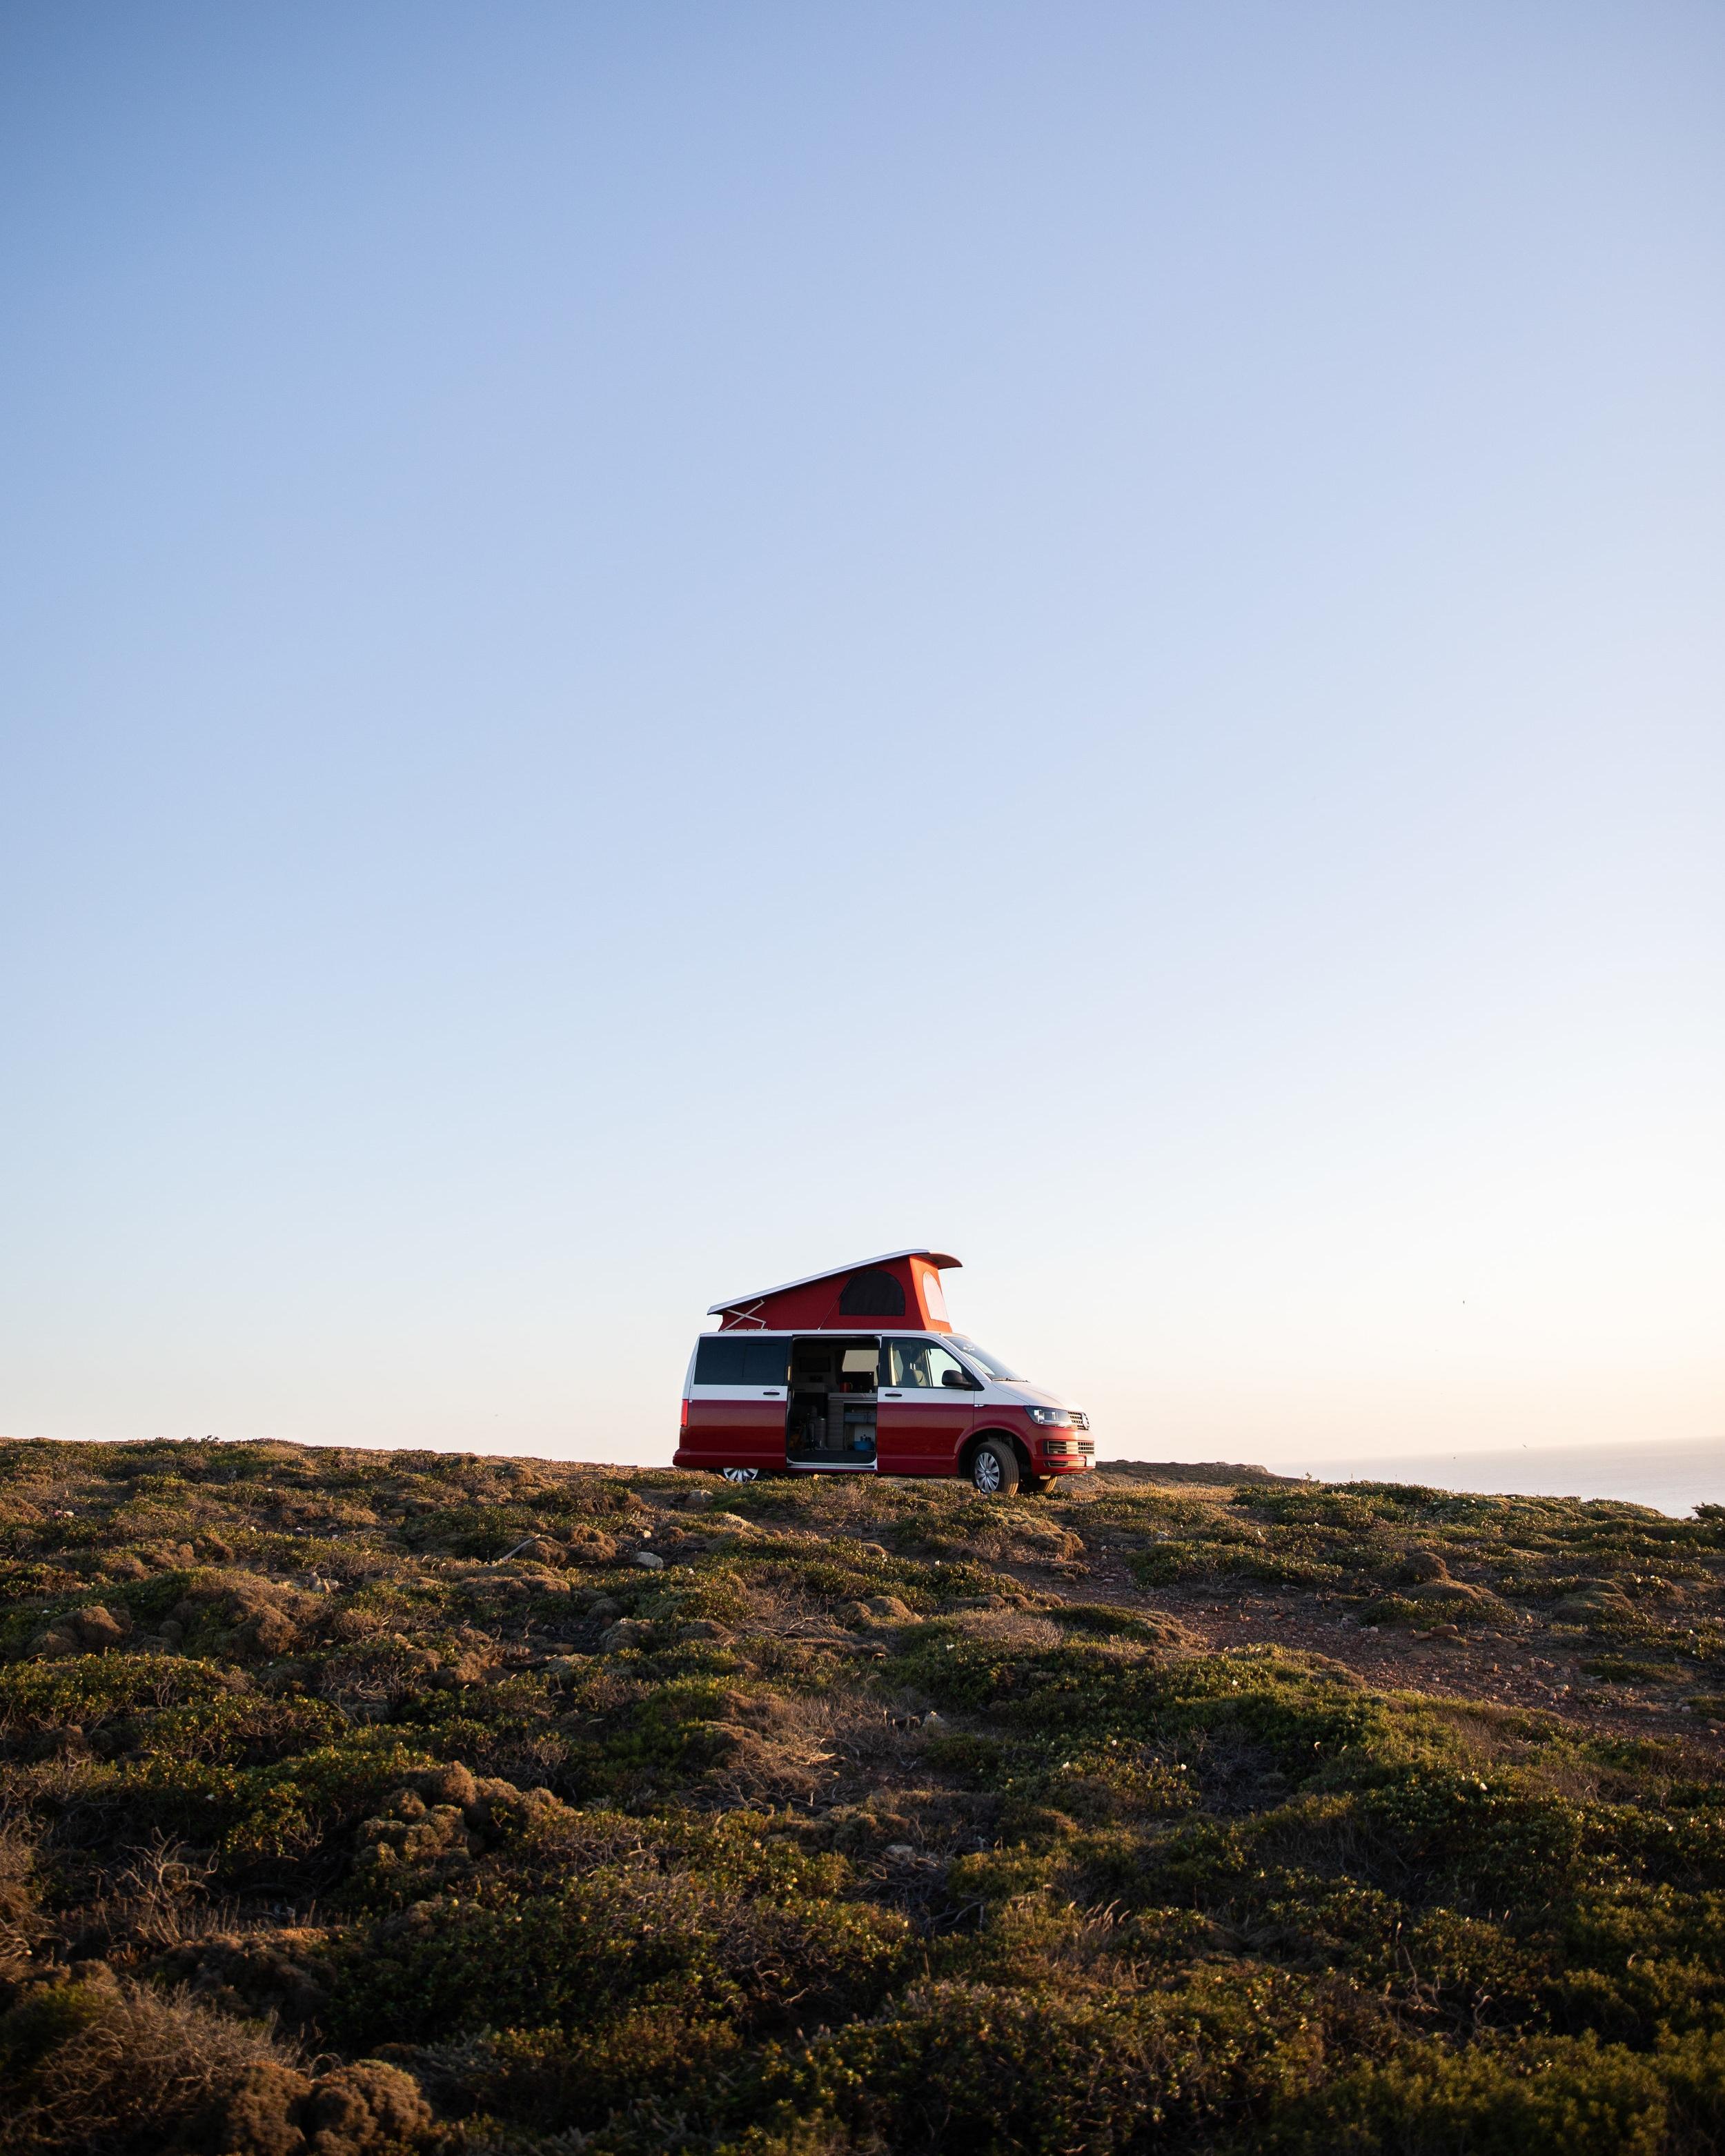 Siesta+campers-4.jpg